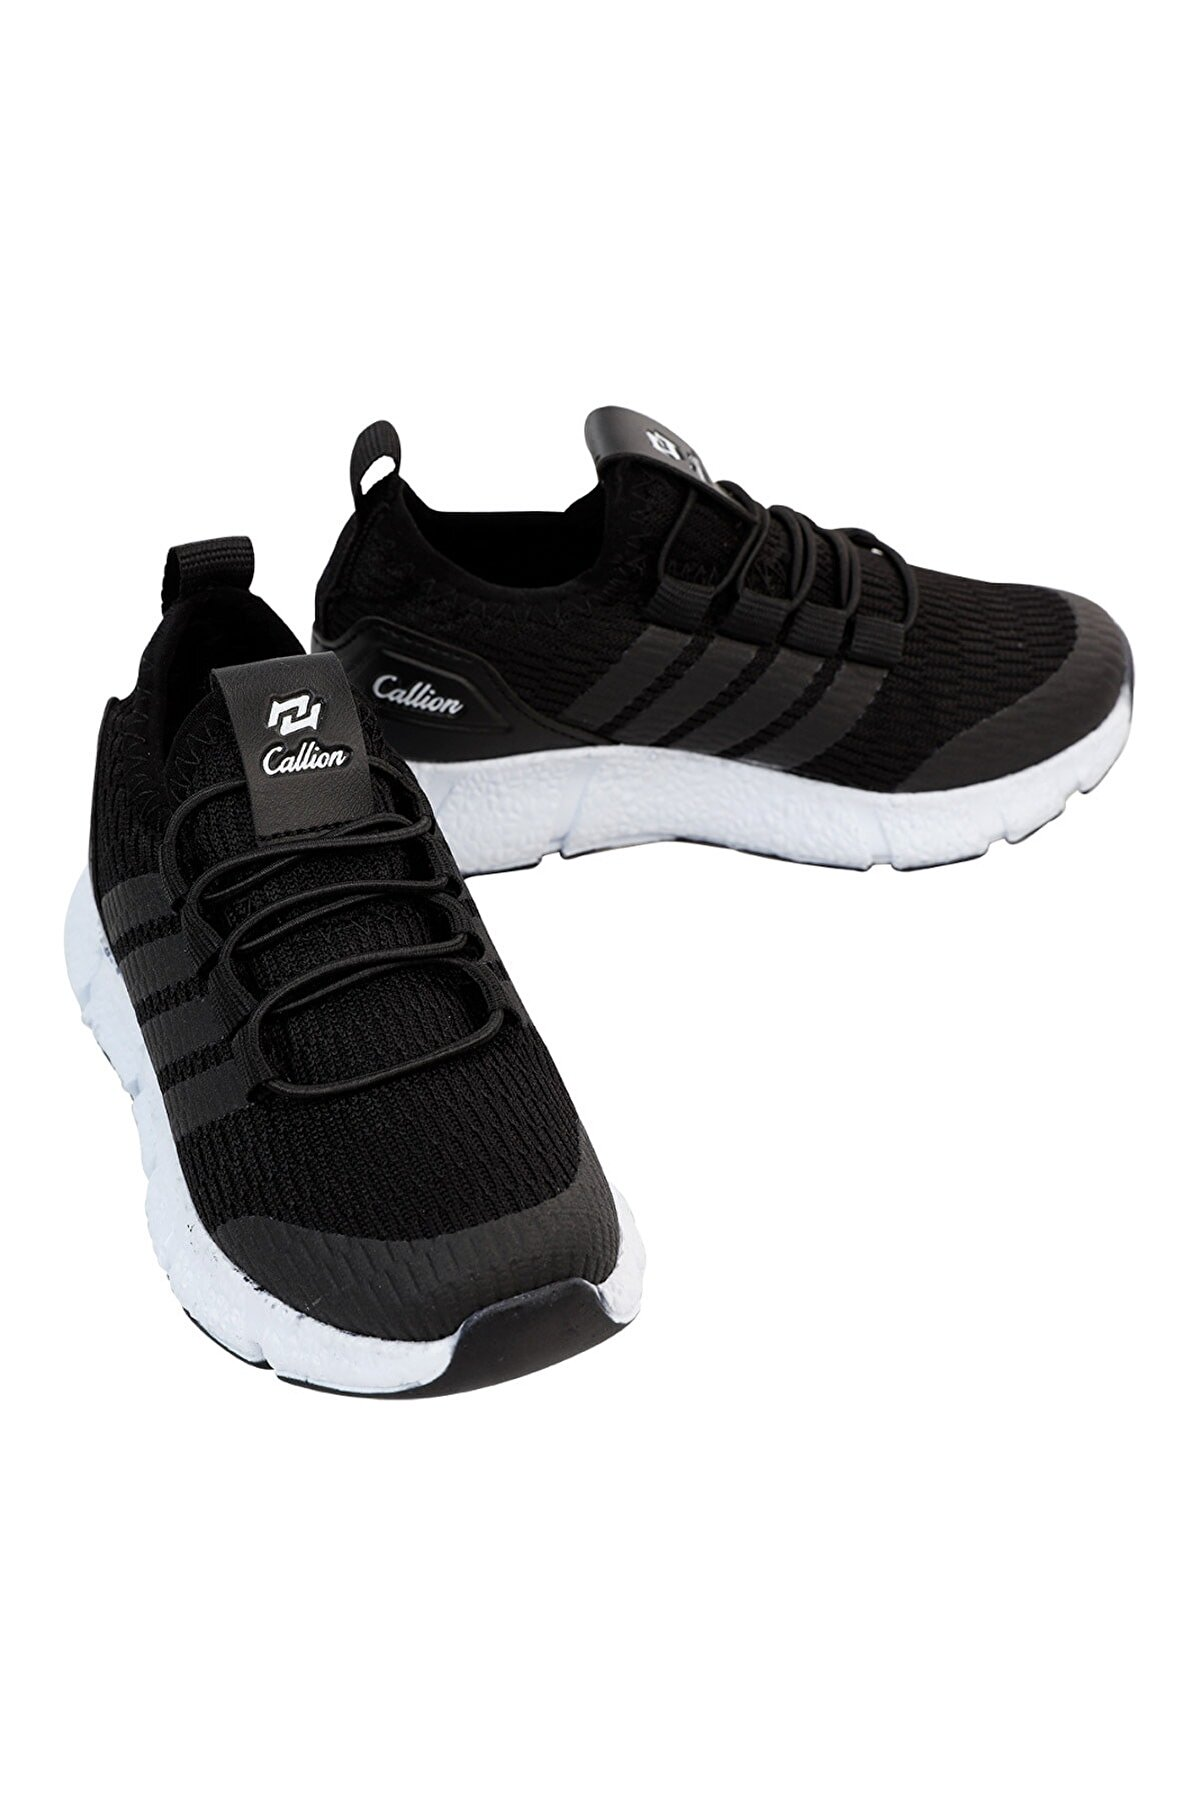 Callion Erkek Çocuk Spor Ayakkabı 31-35 Numara Siyah